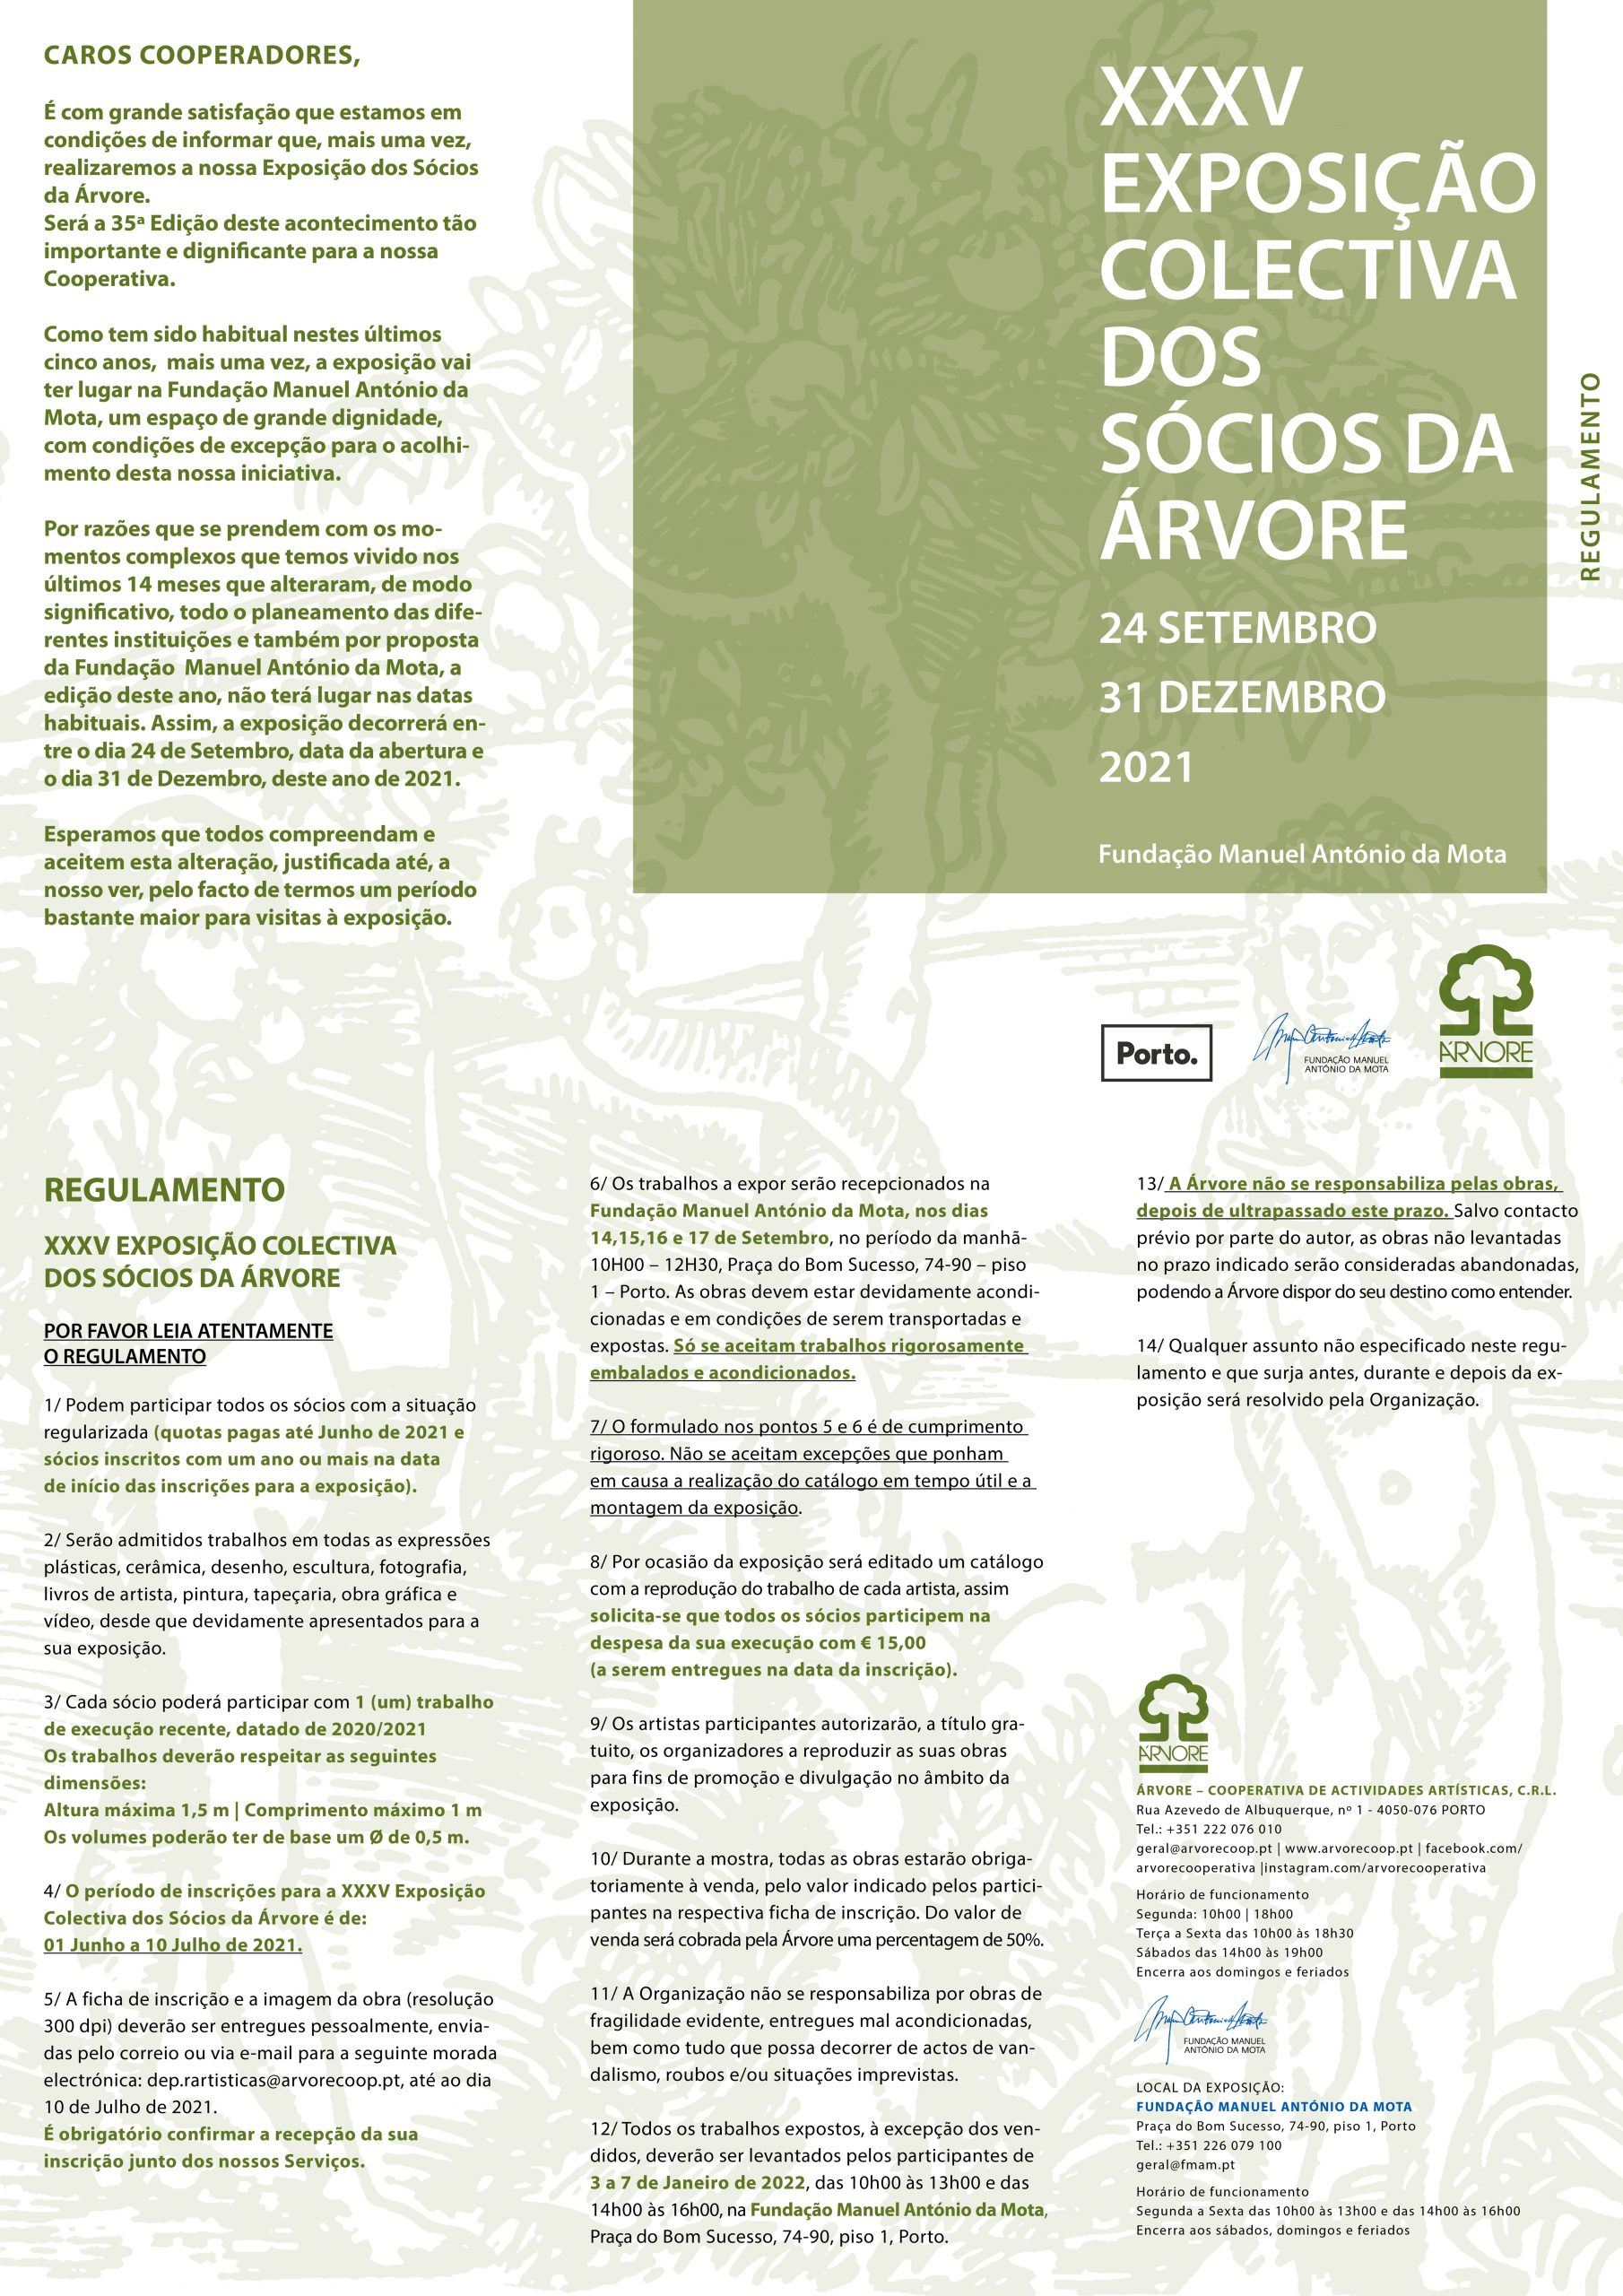 XXXV Exposição Colectiva dos Sócios da Árvore